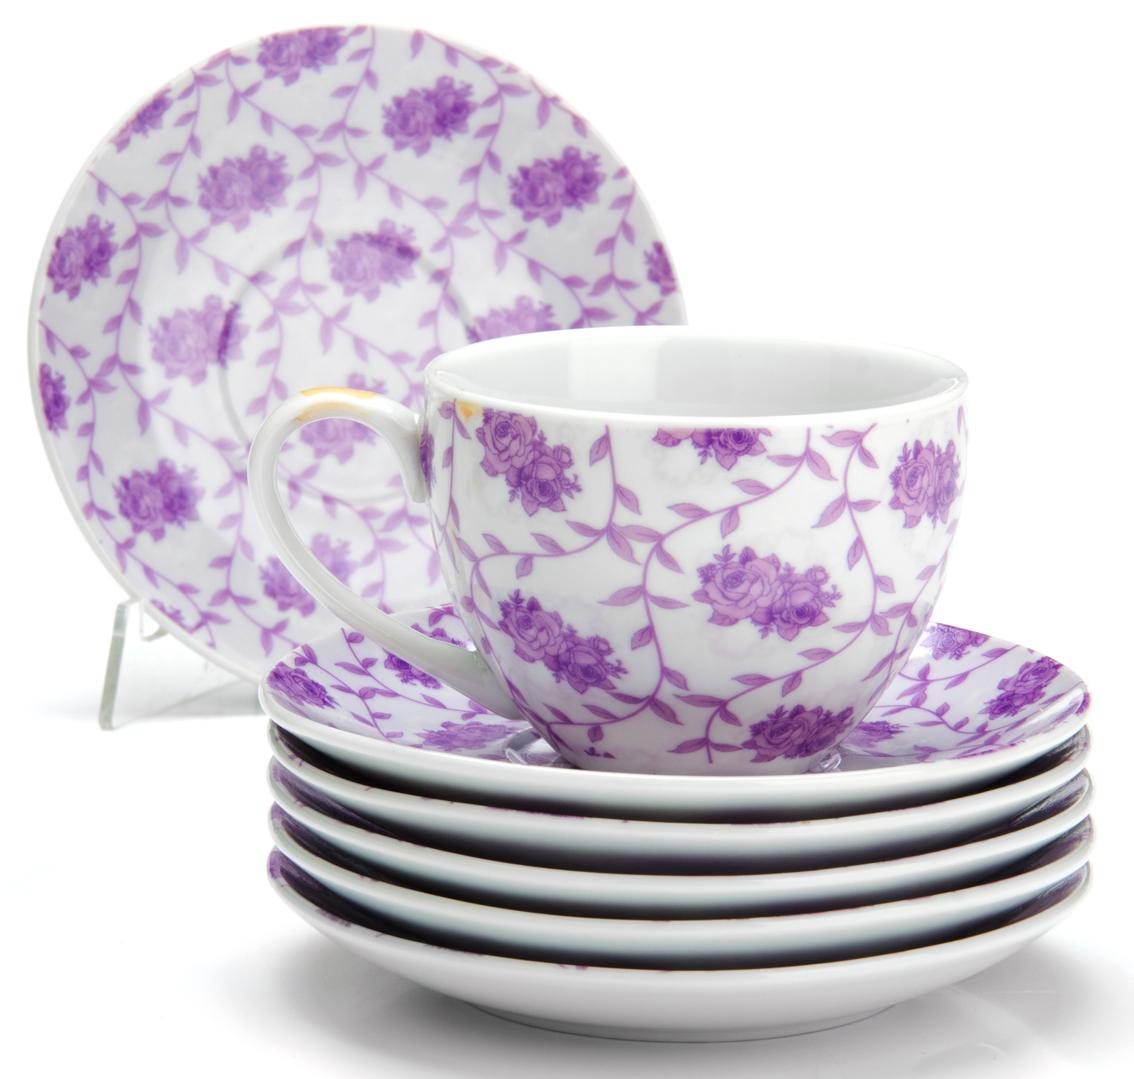 Чайный сервиз Loraine Цветы, 220 мл, 12 предметов. 25928 чайный сервиз loraine 200 мл 12 предметов 25931